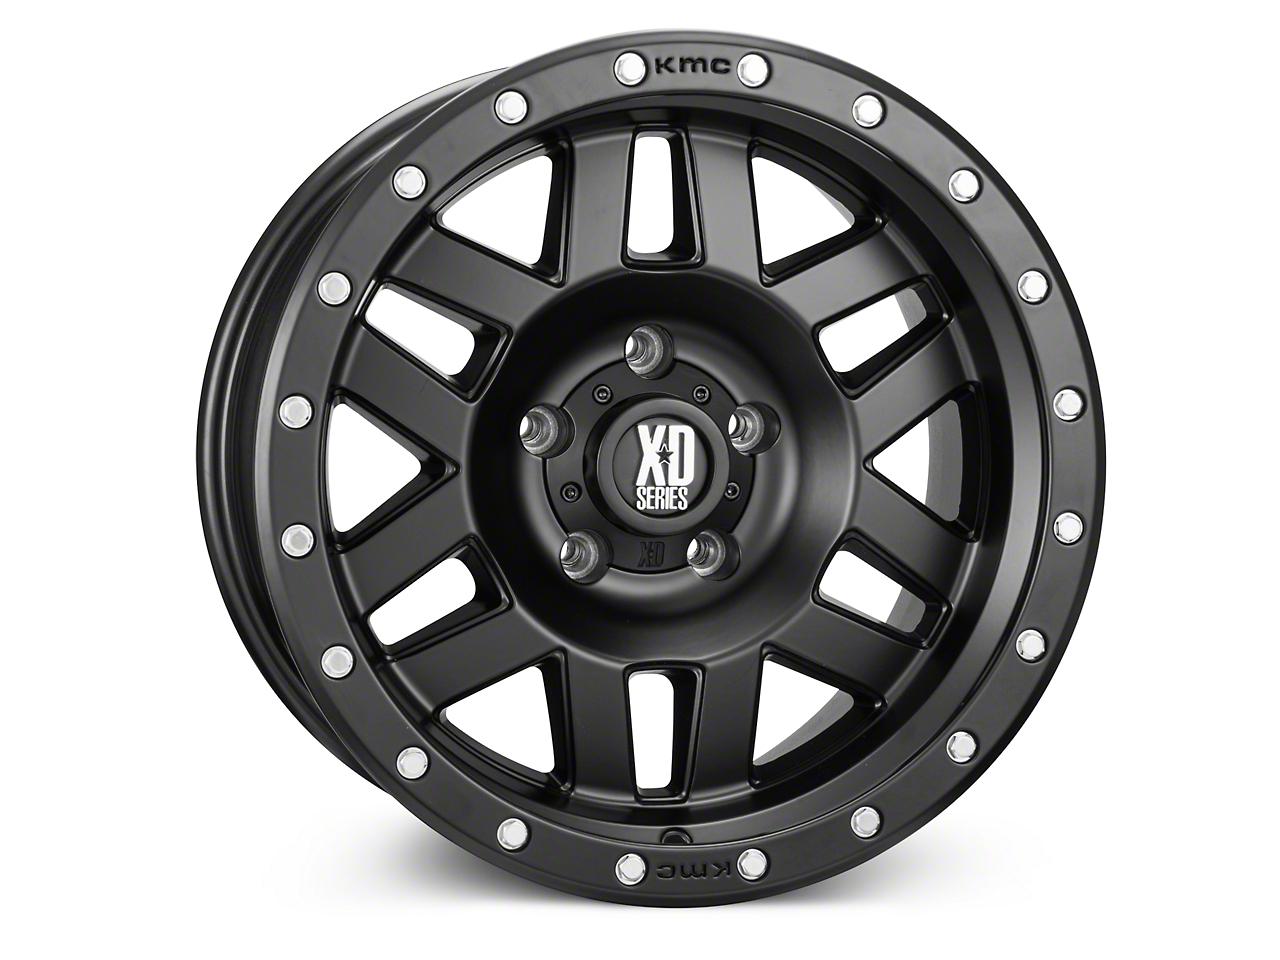 XD Machete Satin Black Wheels (07-18 Jeep Wrangler JK; 2018 Jeep Wrangler JL)